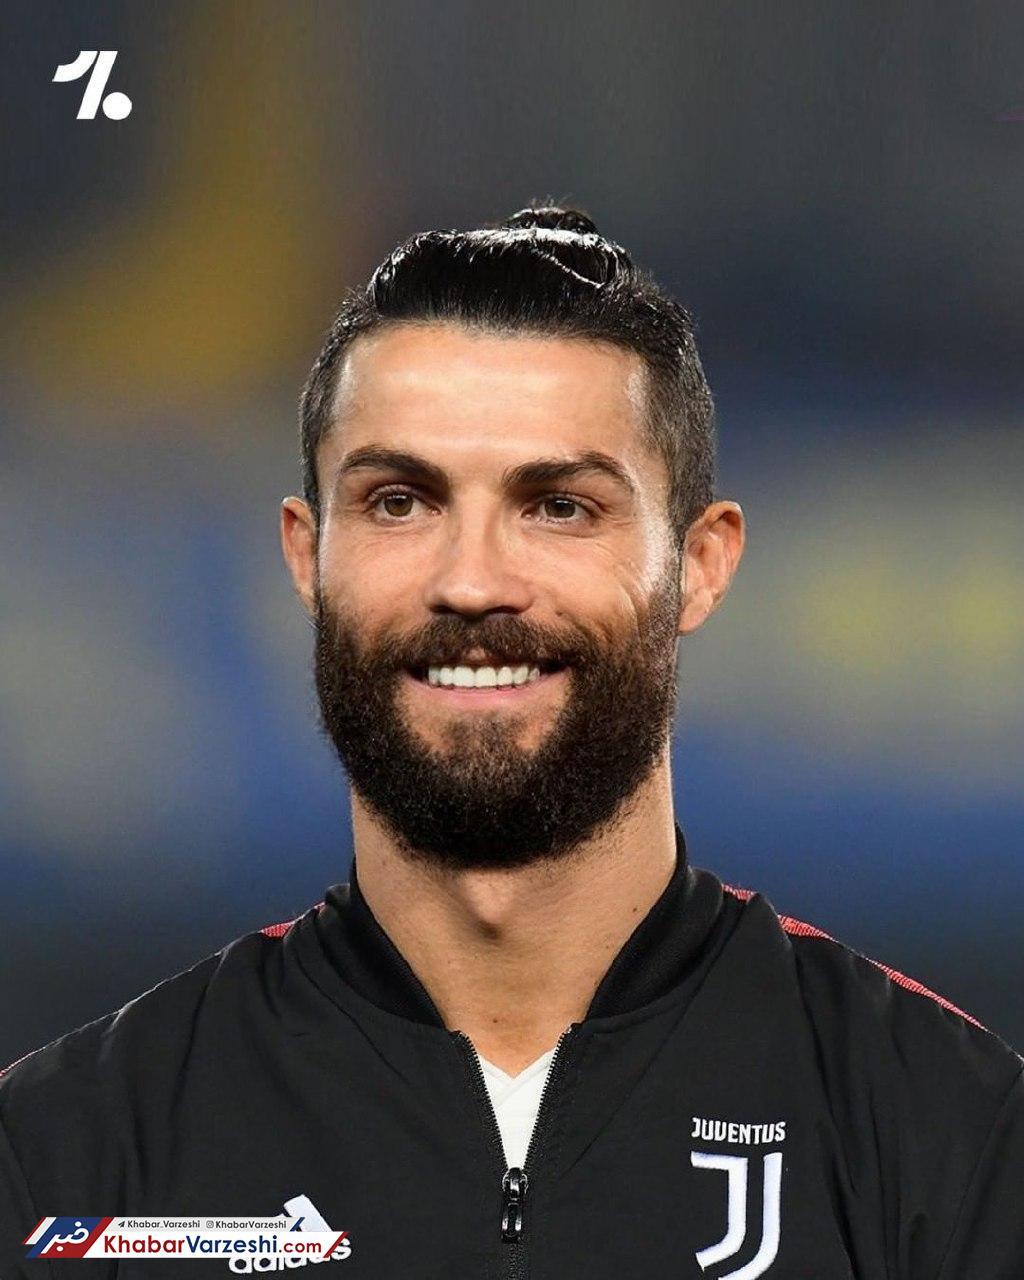 عکس| چهره متفاوت ستارههای فوتبال با ریش